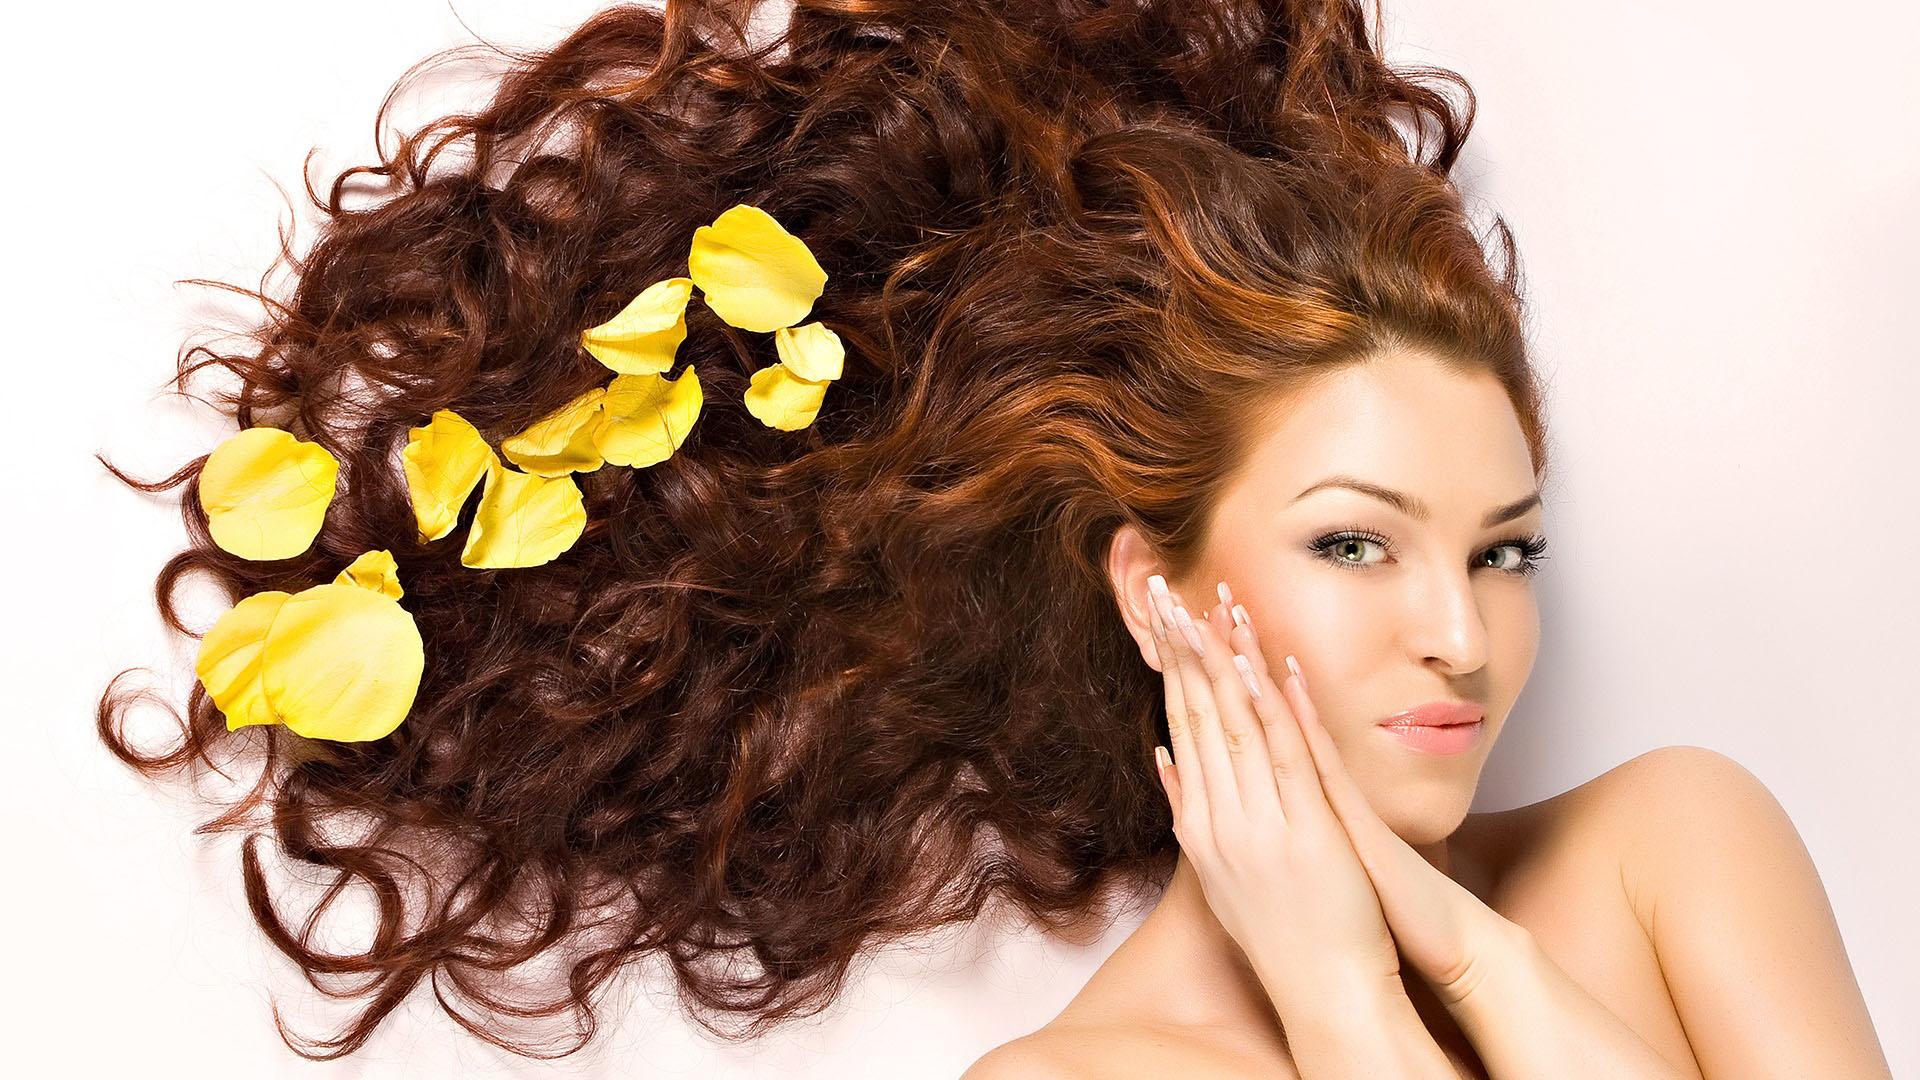 Маски для волос из хлеба: рецепты и отзывы о применении